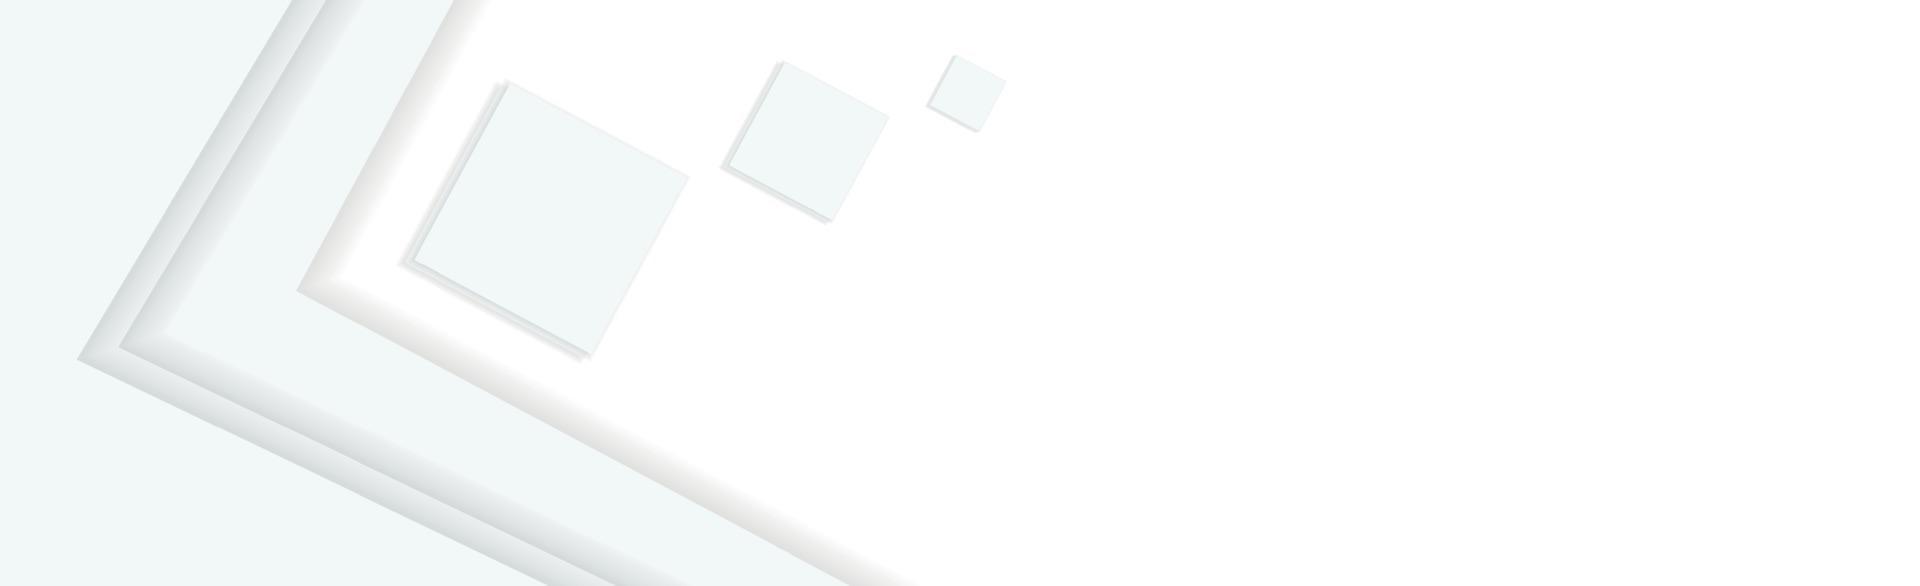 Fondo panorámico de vector blanco con líneas y cuadrados